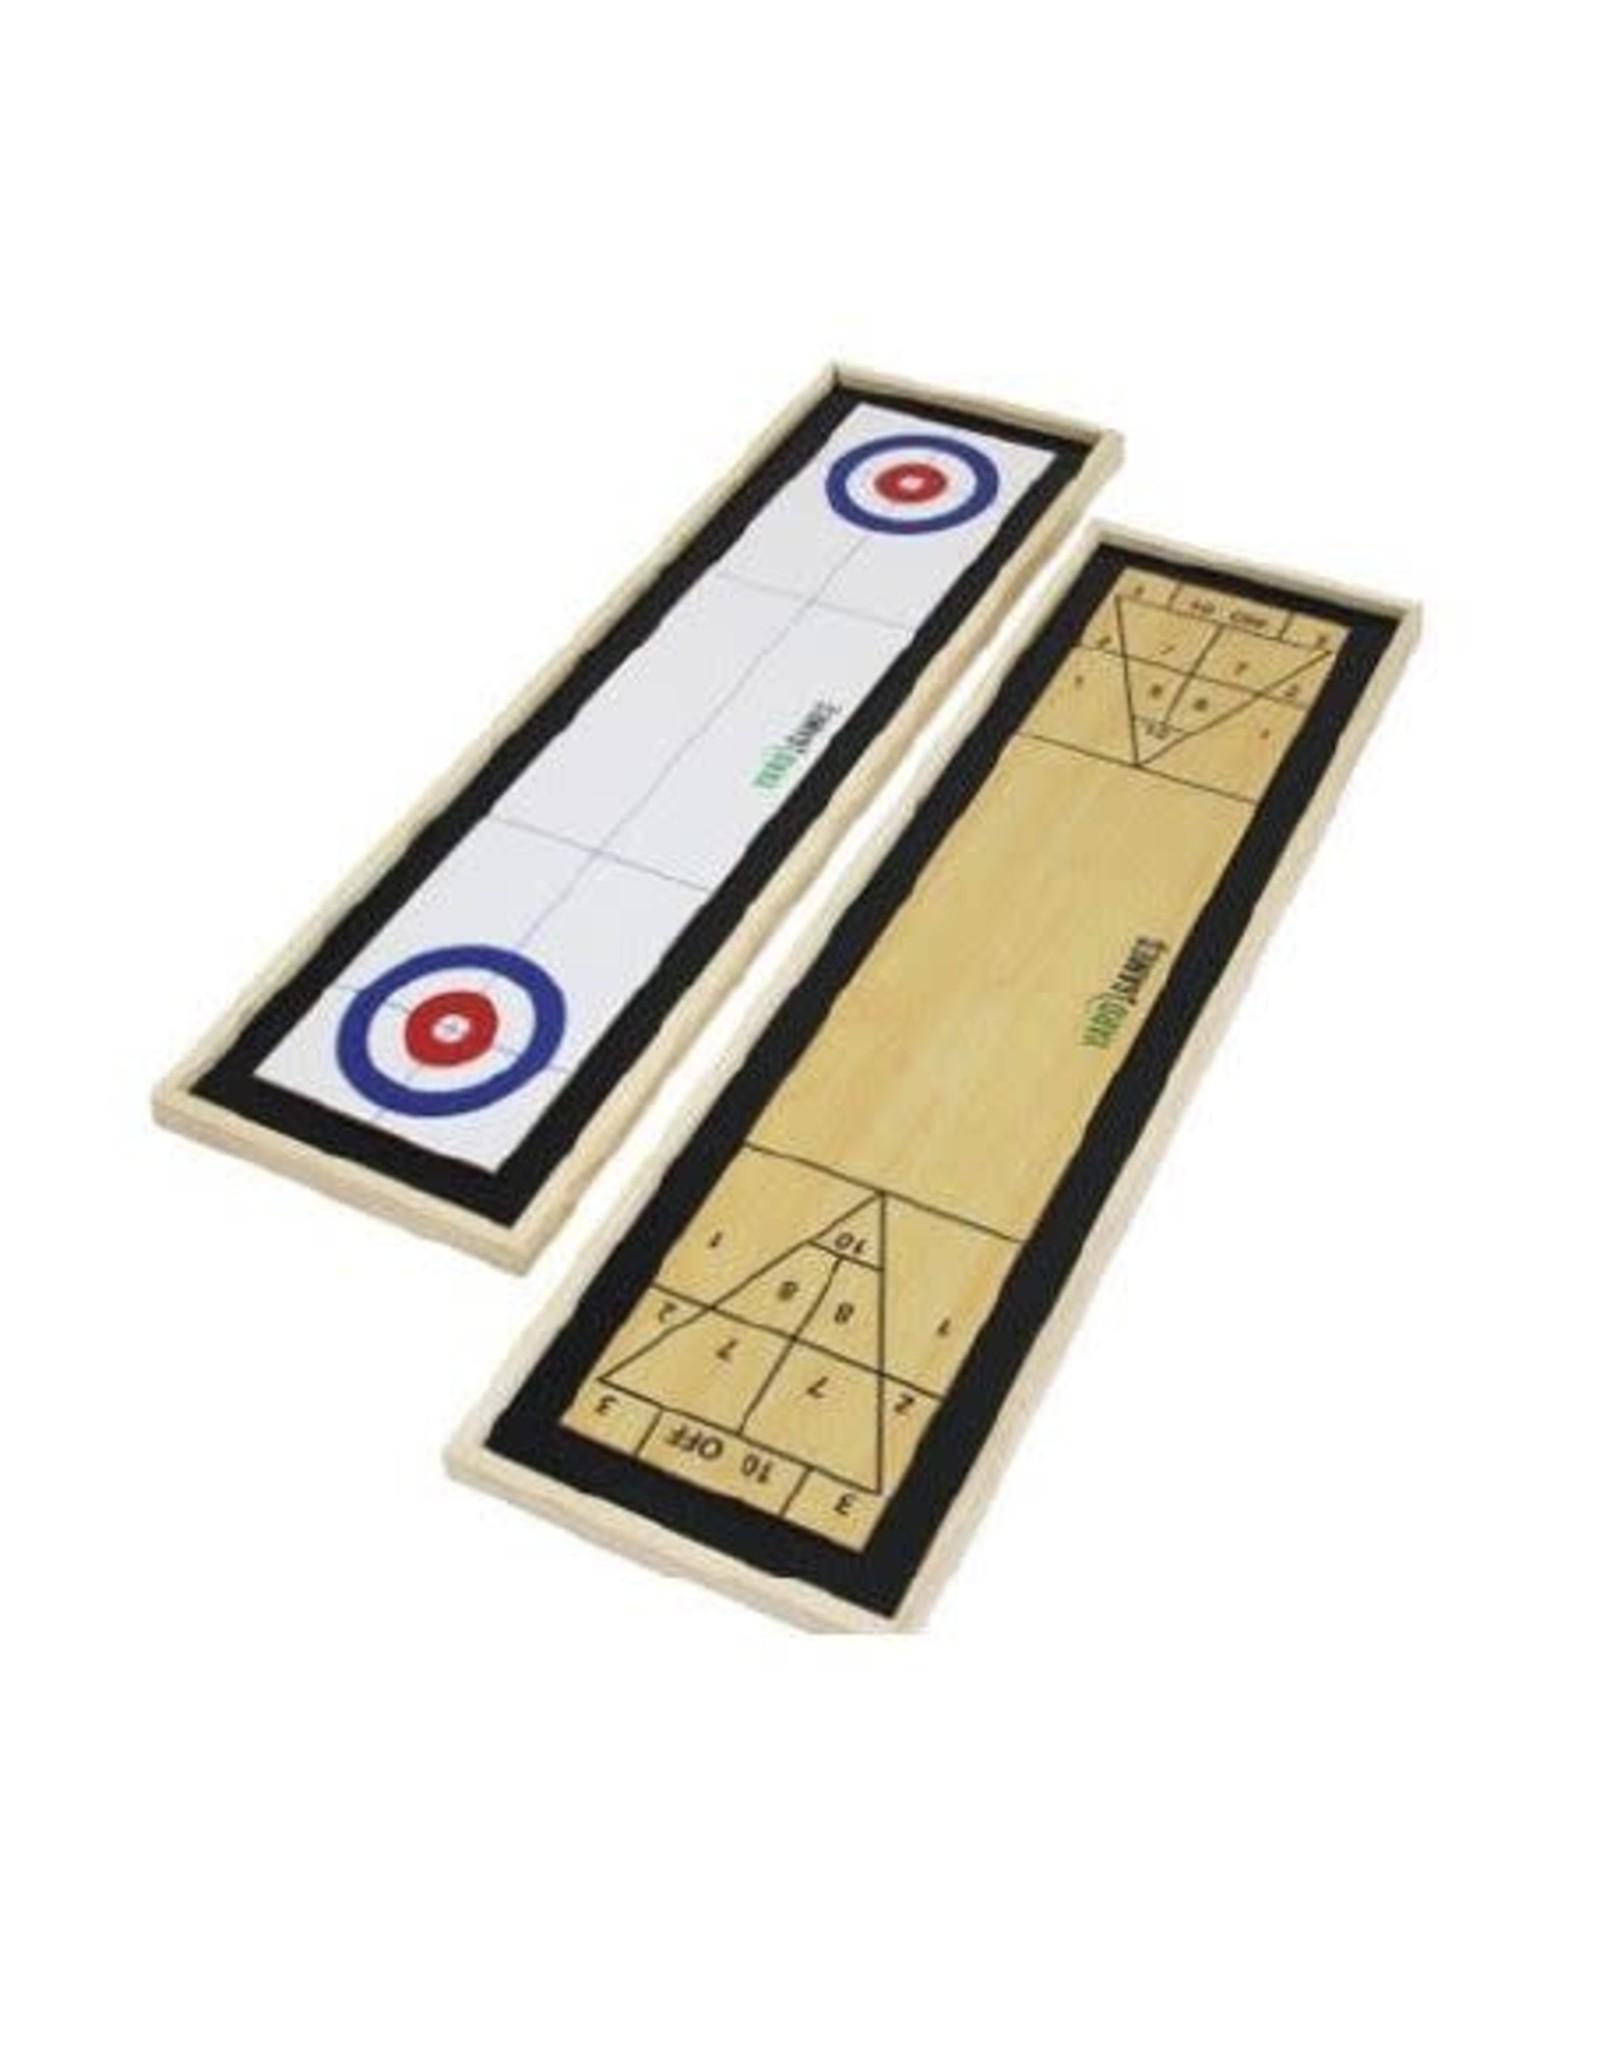 YARDGAMES Curling/Shuffleboard